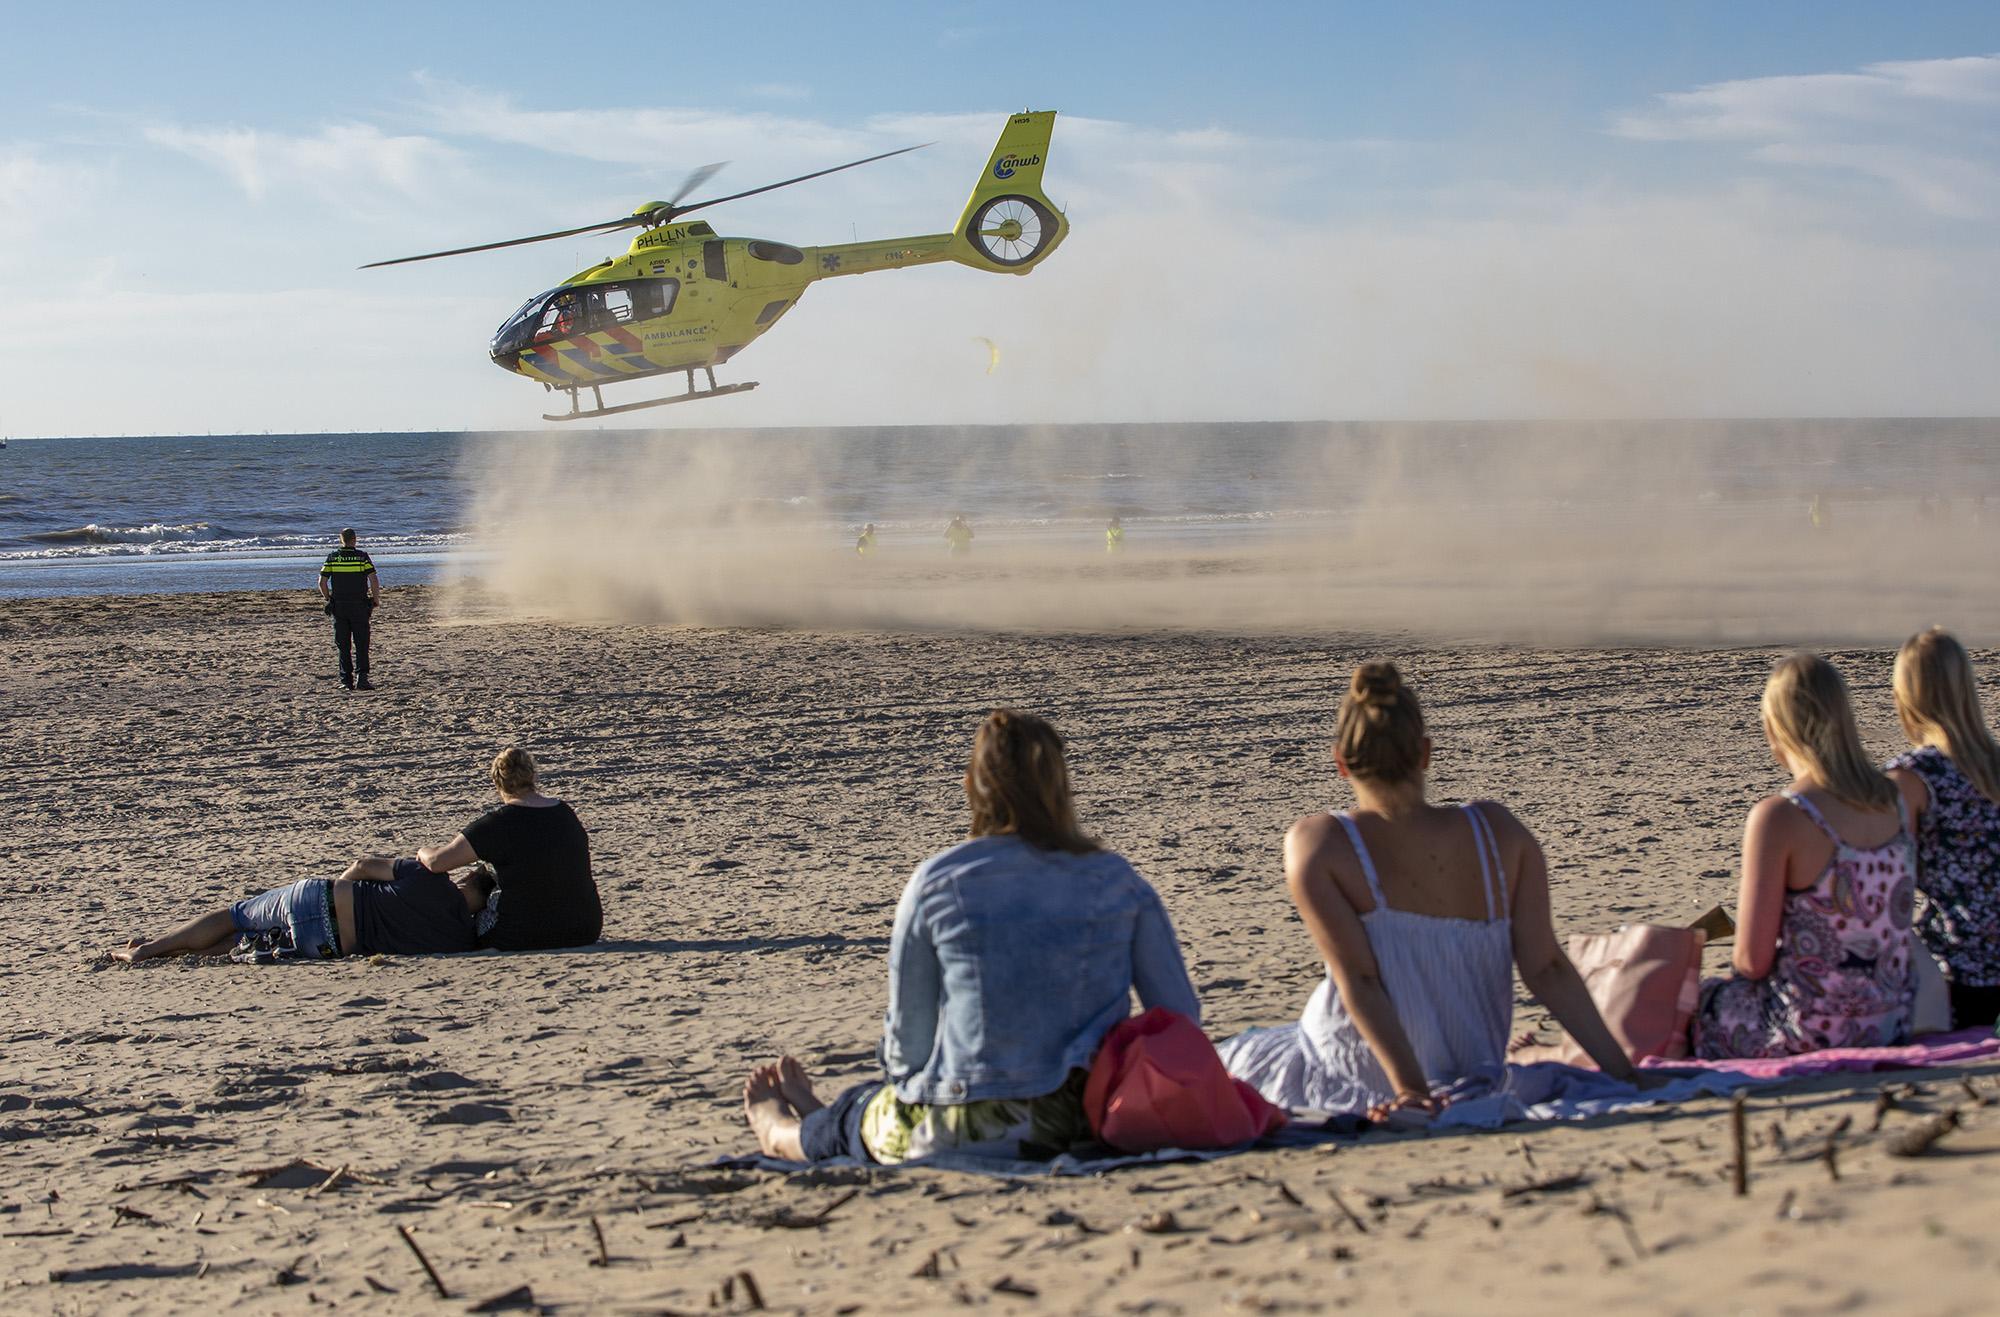 Grote zoekactie in zee bij Zandvoort, traumahelikopter geland